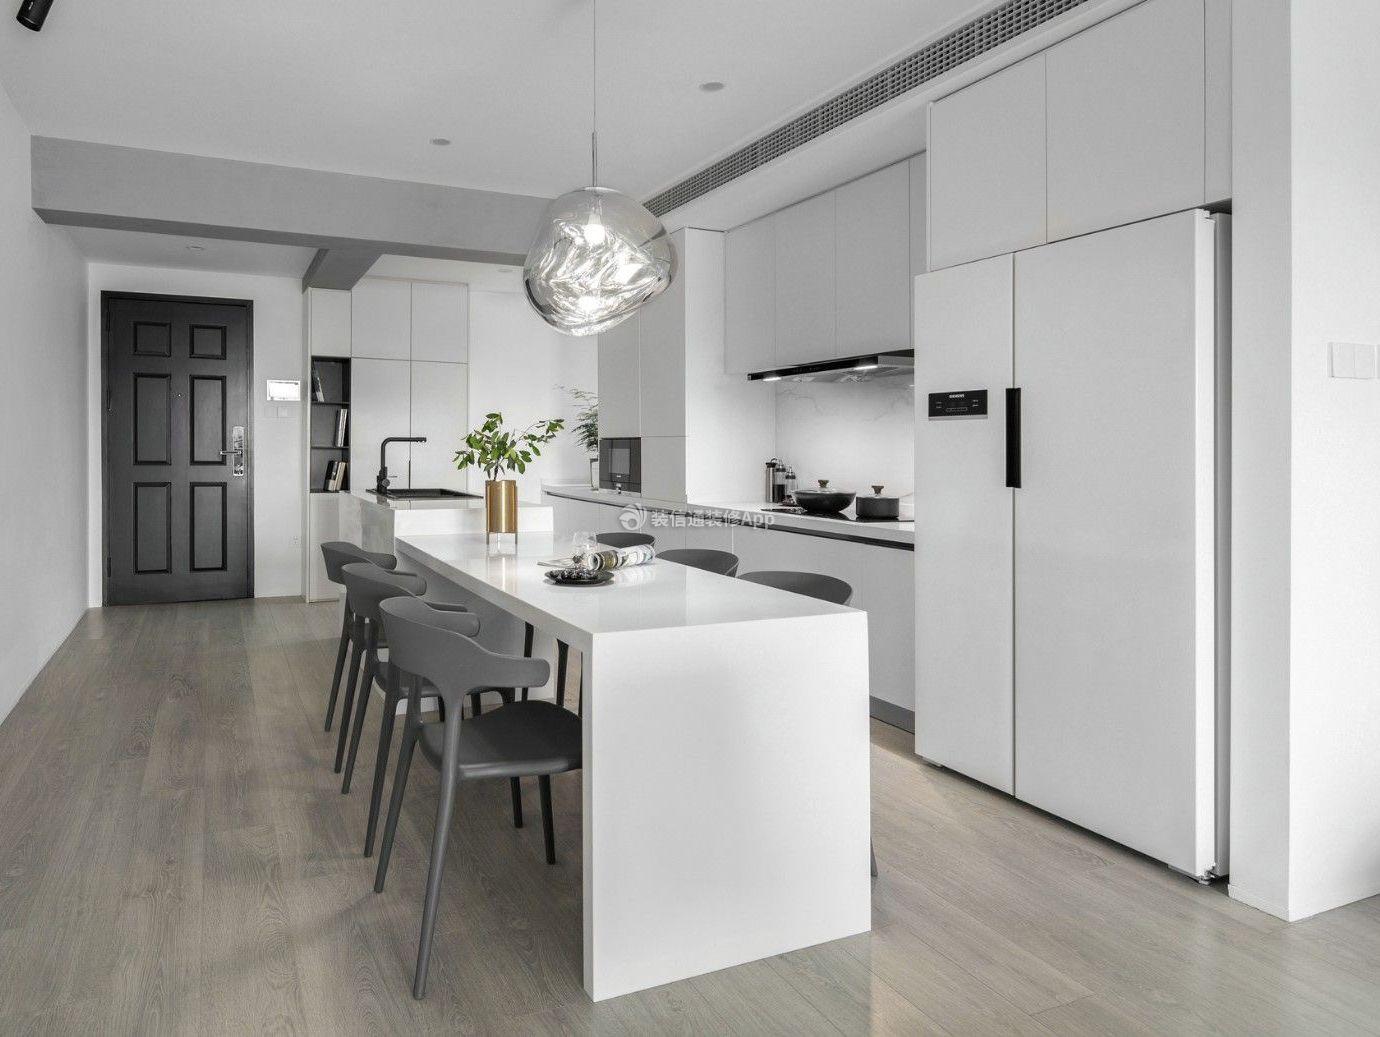 现代简约风格开放式厨房餐厅装修图片